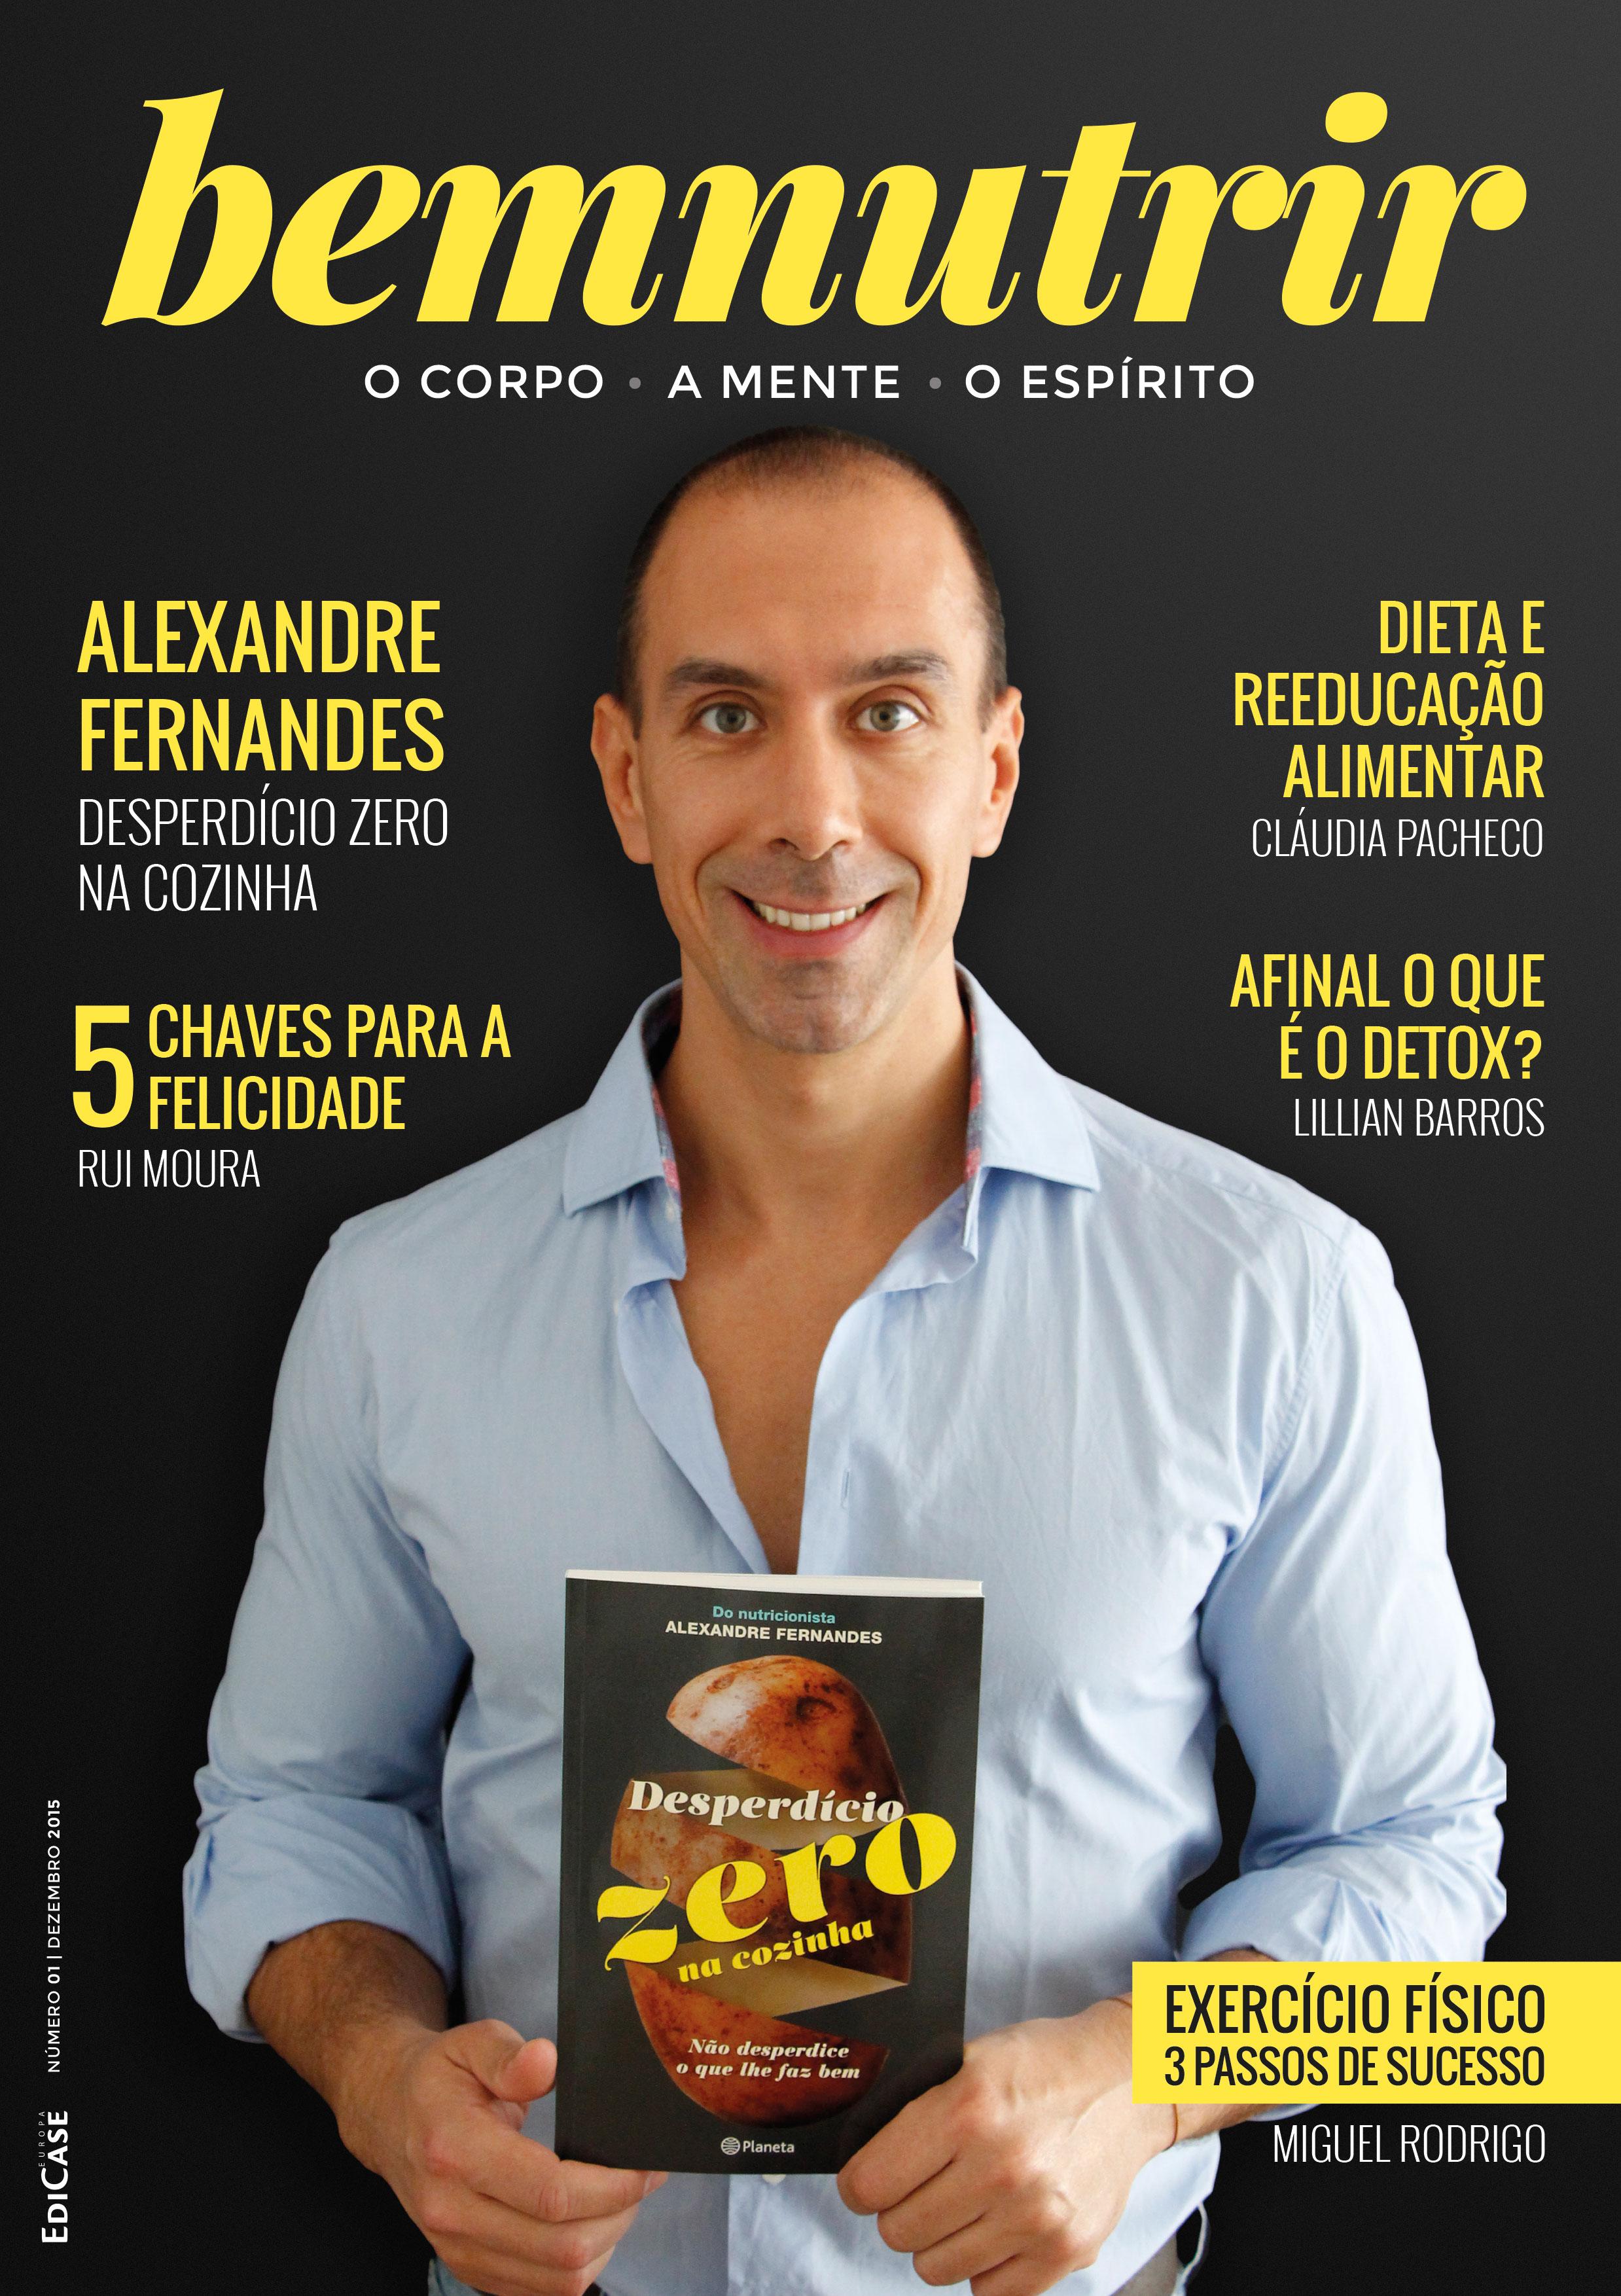 Revista Bemnutrir número 1